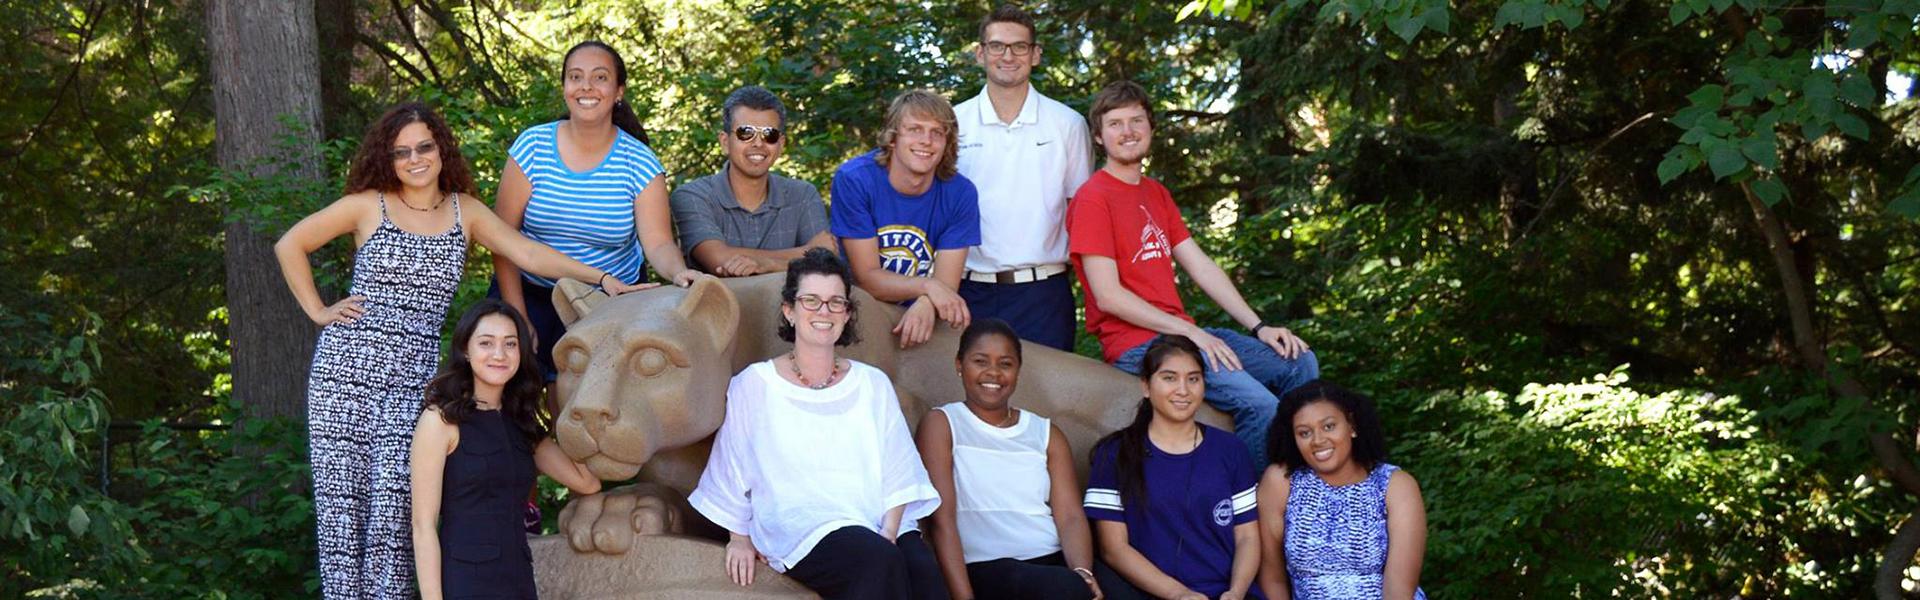 Undergraduate research experiences